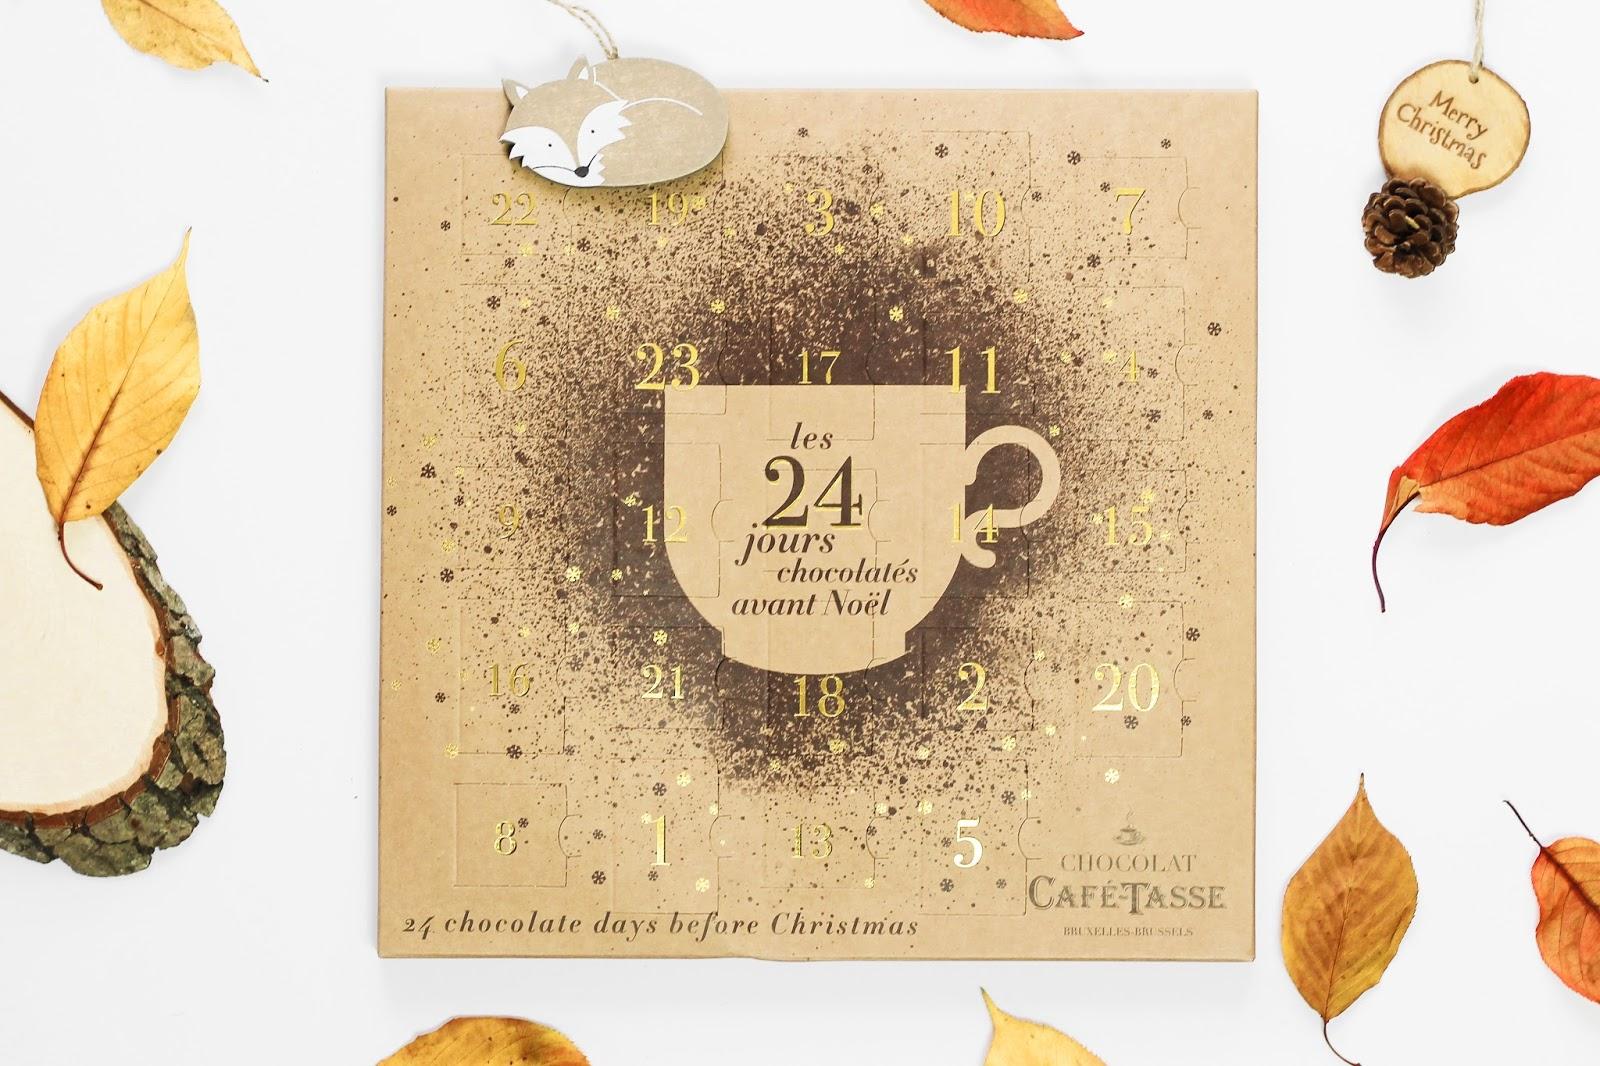 concours calendrier de l'avent noel christmas xmas chocolat belge café tasse café-tasse à gagner gourmand gourmandises connaisseurs les gommettes de melo gommette tentez votre chance gratuit léonidas leonidas gianduja amoureux couple 24chocodays